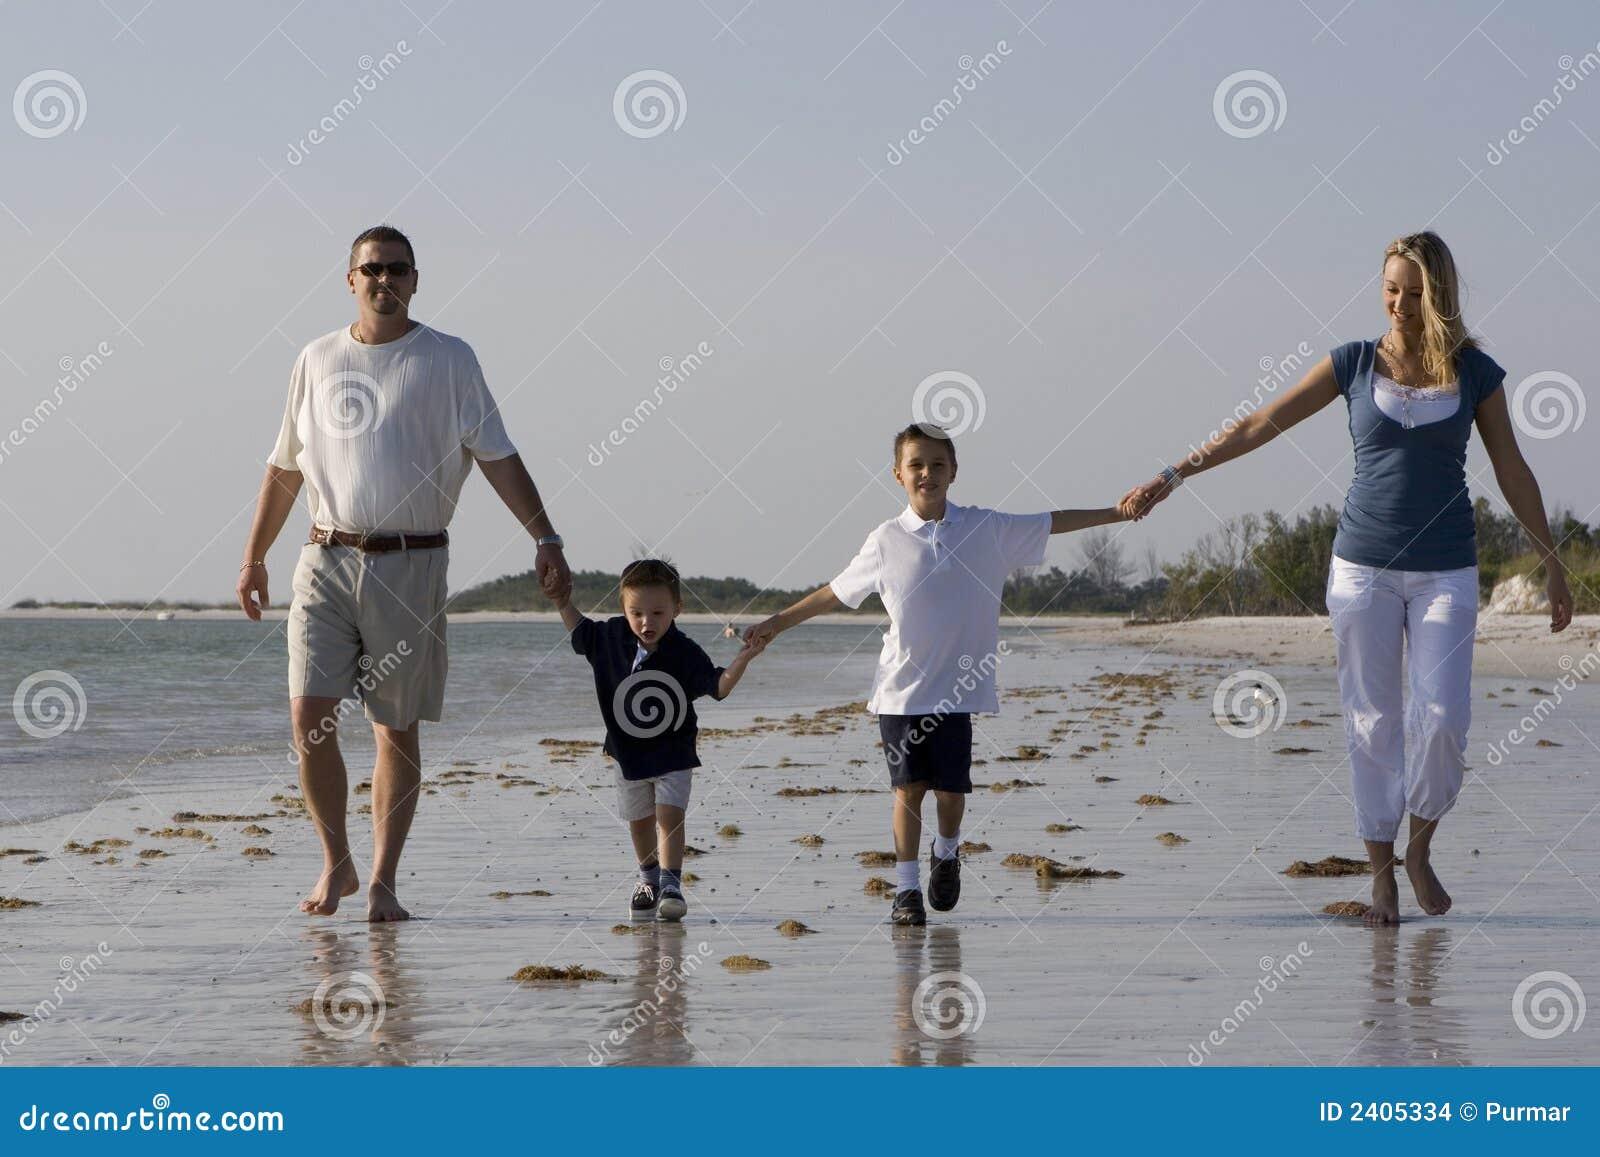 Περίπατος σε μια παραλία